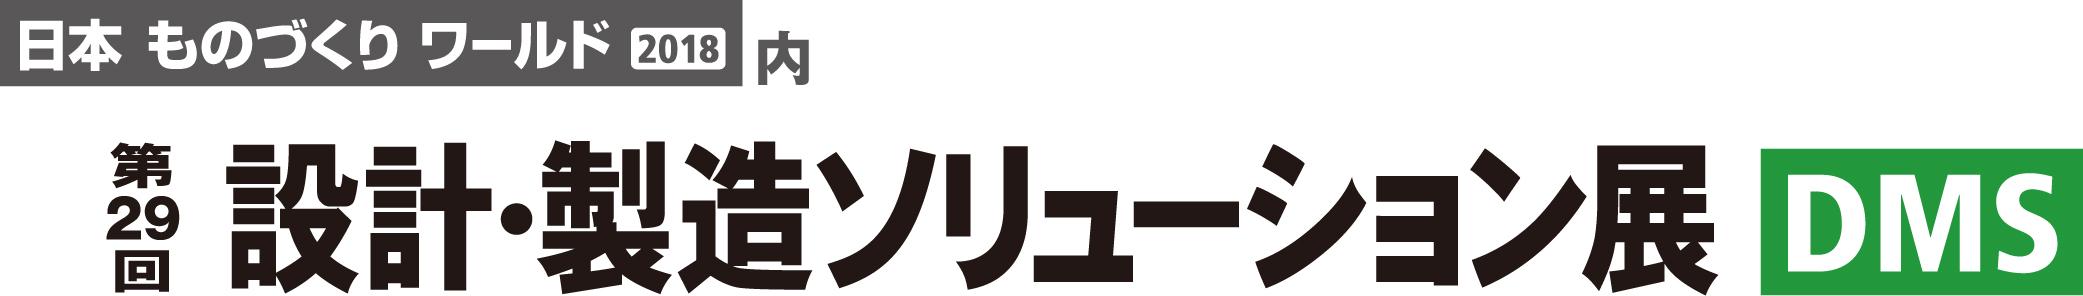 第29回 東京ビッグサイト 設計・製造ソリューション展(DMS)